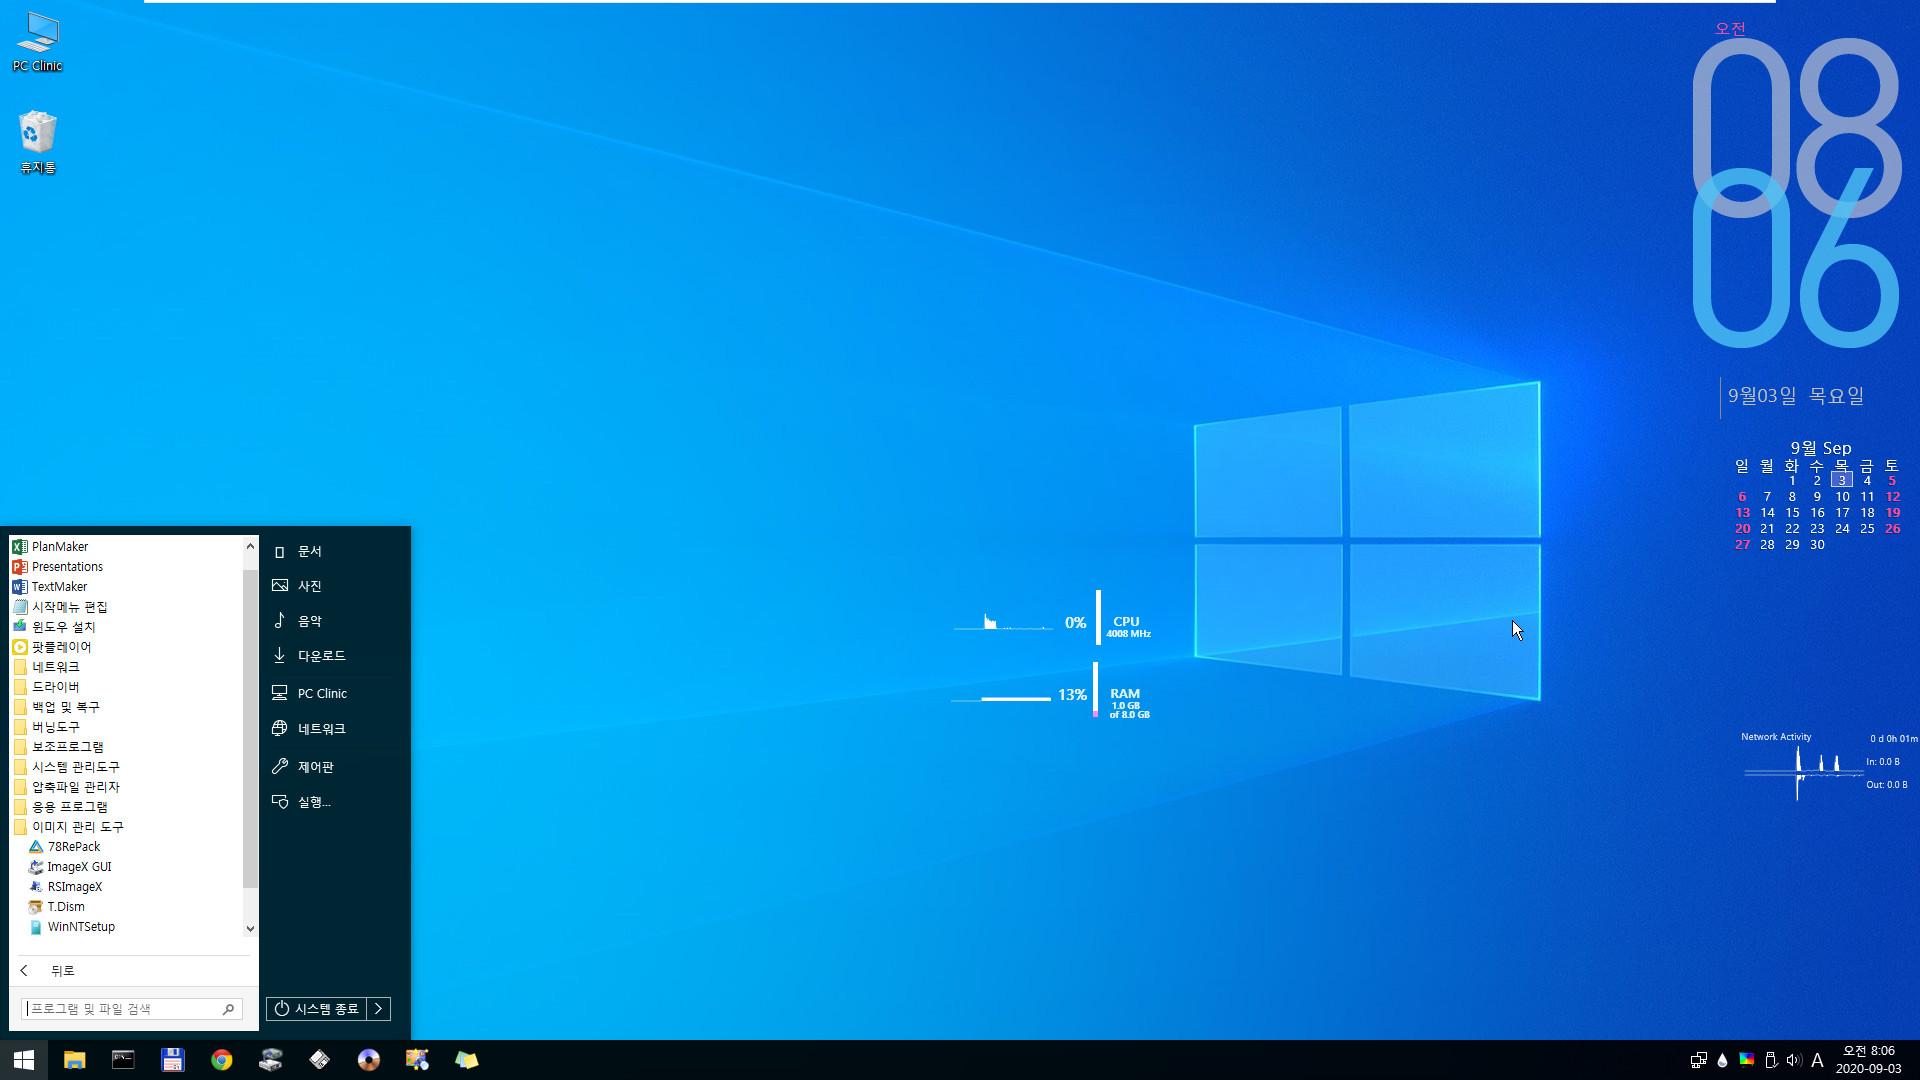 Ventoy-1.0.20을 VHD에 복사하여 부팅 테스트 (UEFI 부팅만 가능) - wim 파일로 부팅하면 아이콘들도 정상으로 나오네요 2020-09-03_080609.jpg